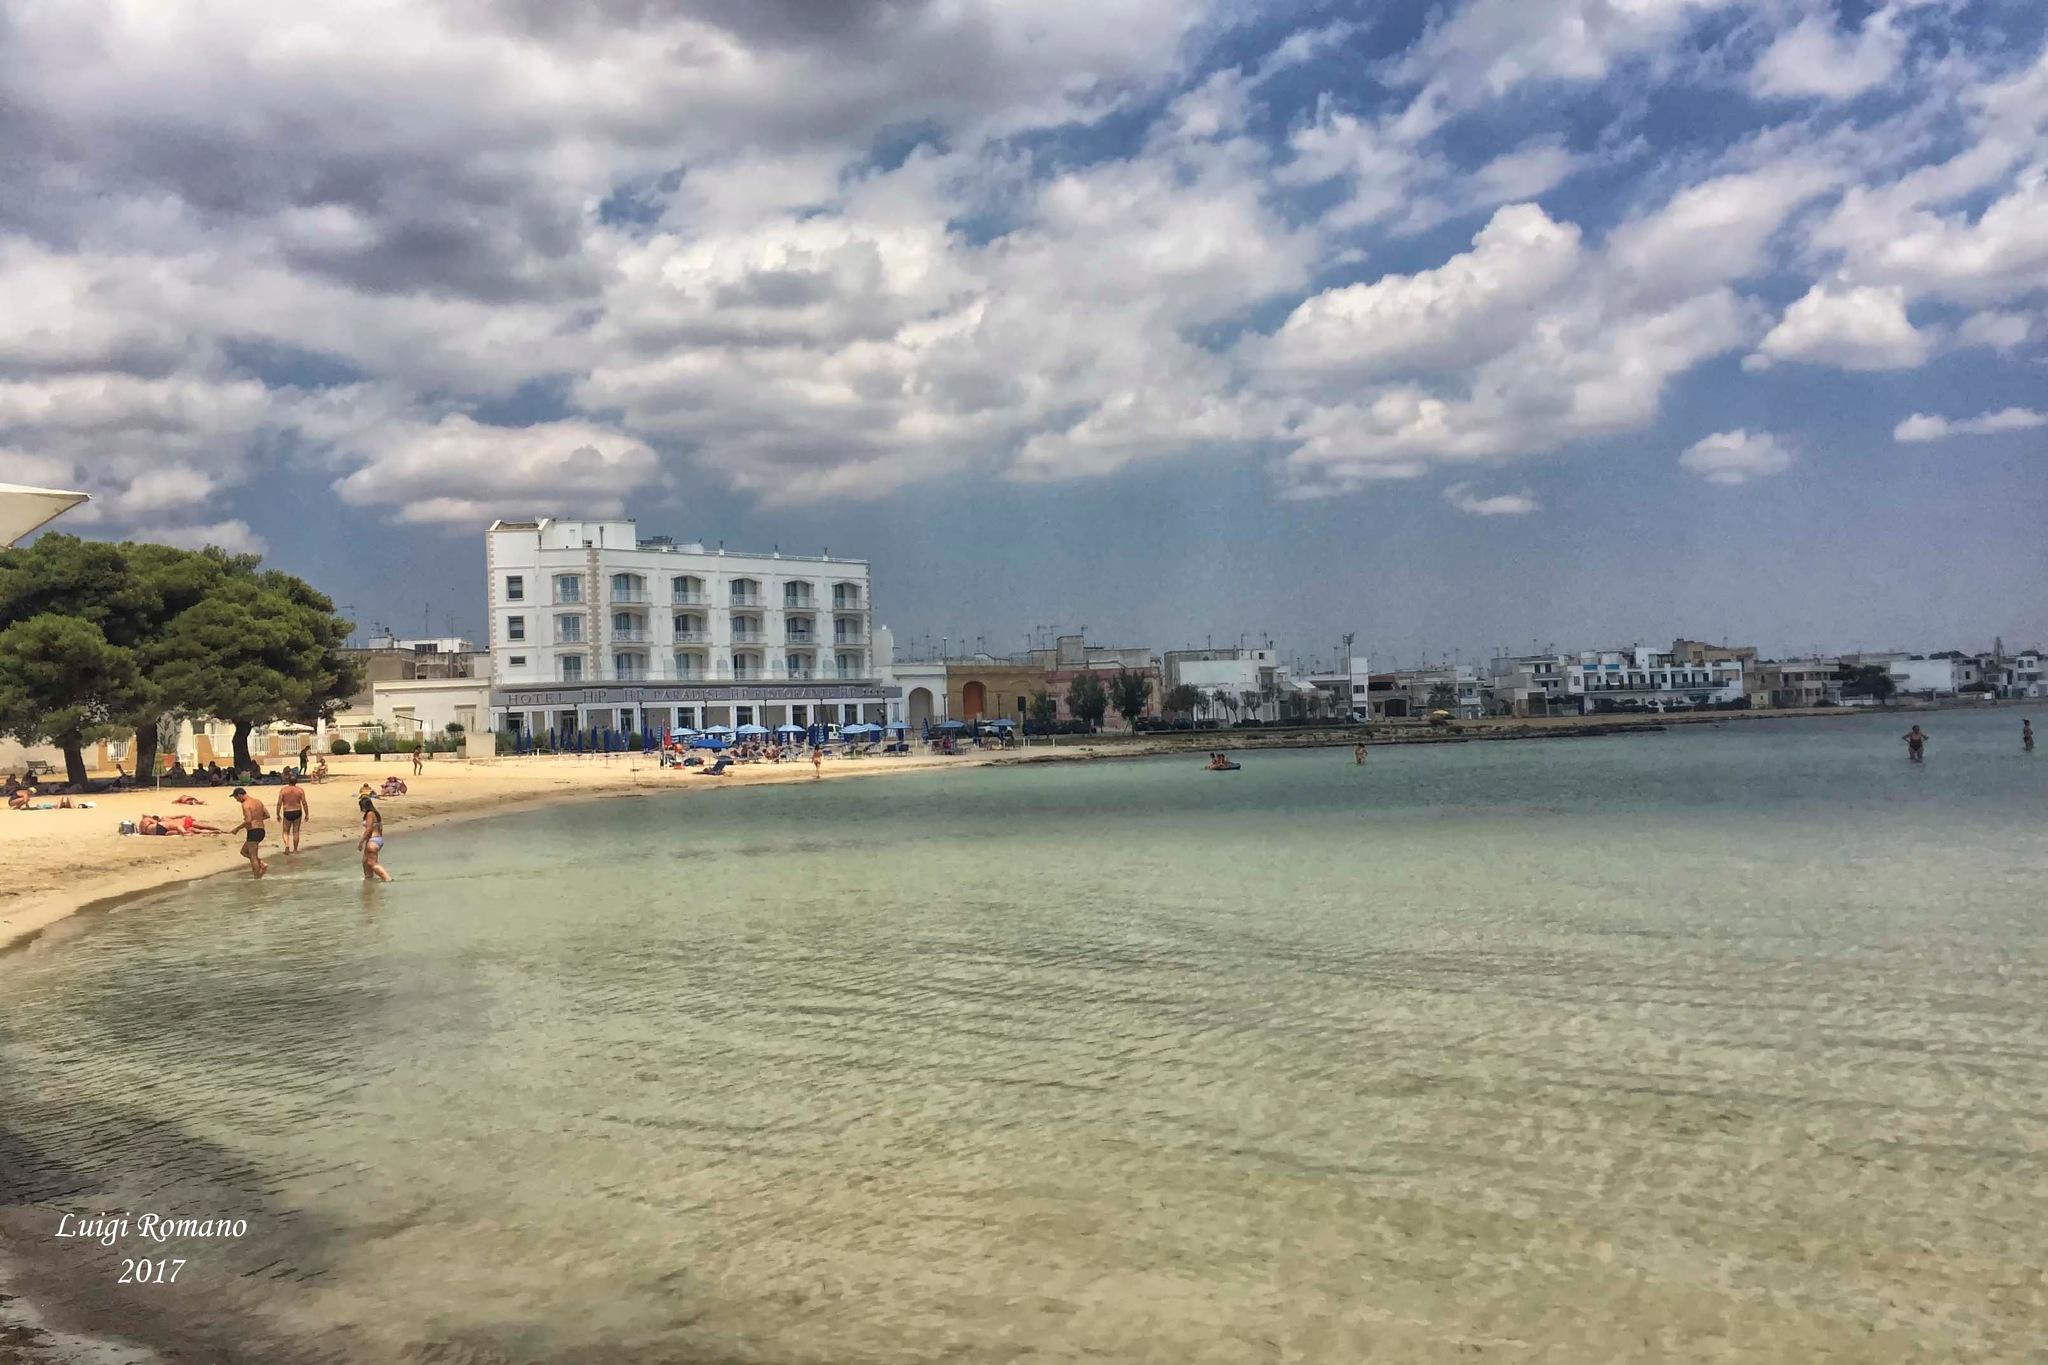 To the sea in Puglia by Luigi Romano